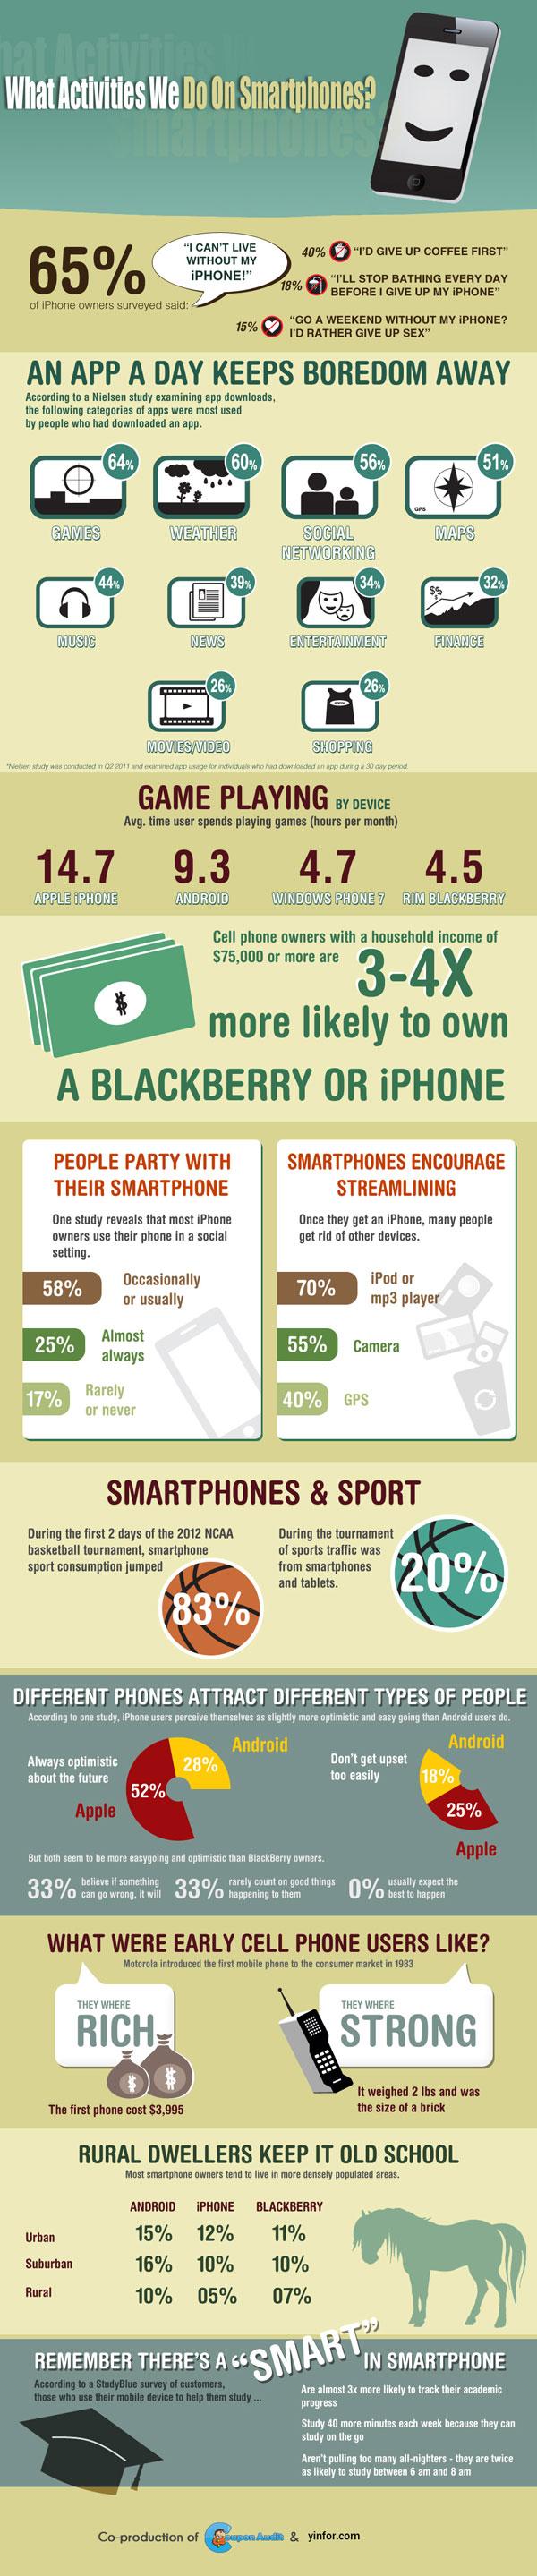 What-Activities-We-Do-On-Smartphones2